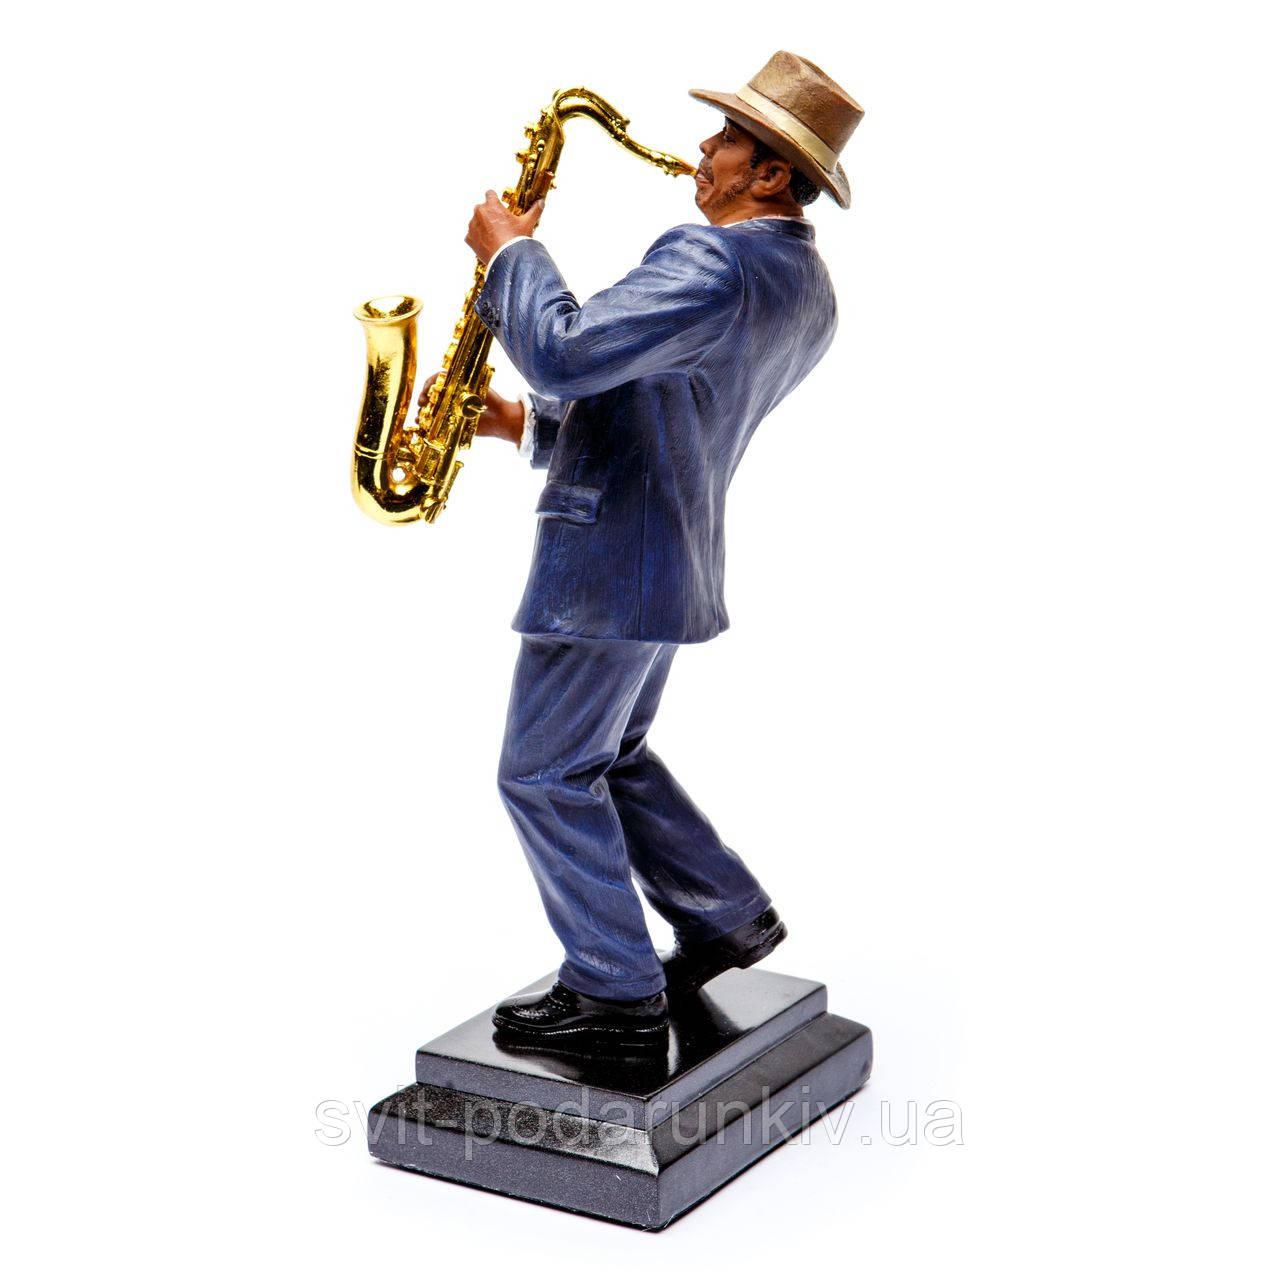 фигурка саксофонист